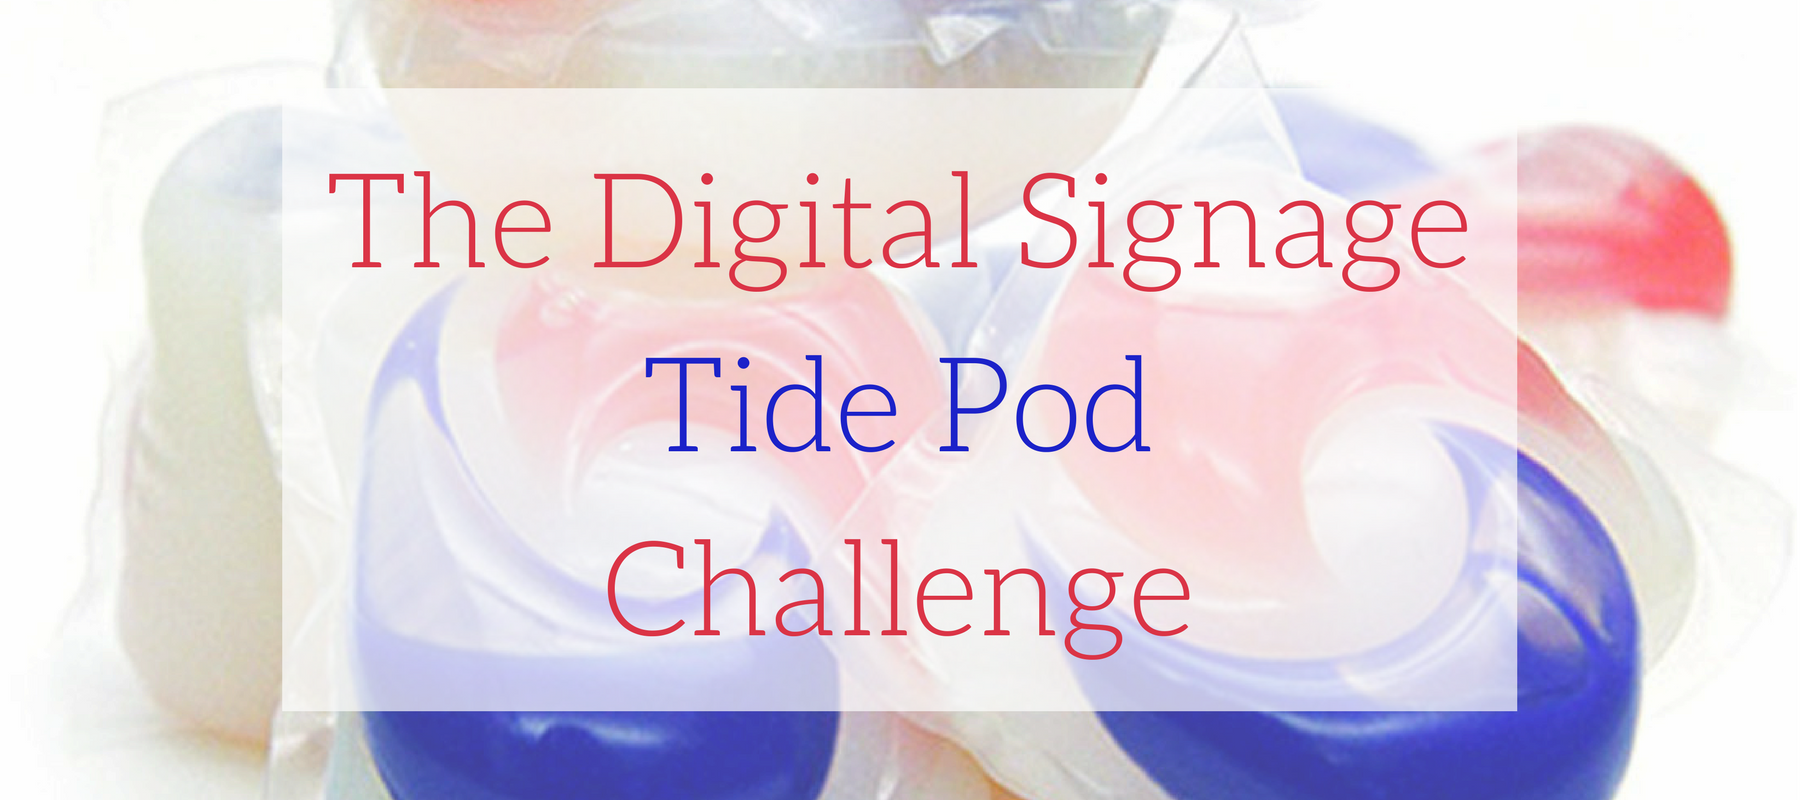 The Digital Signage Tide Pod Challenge-1